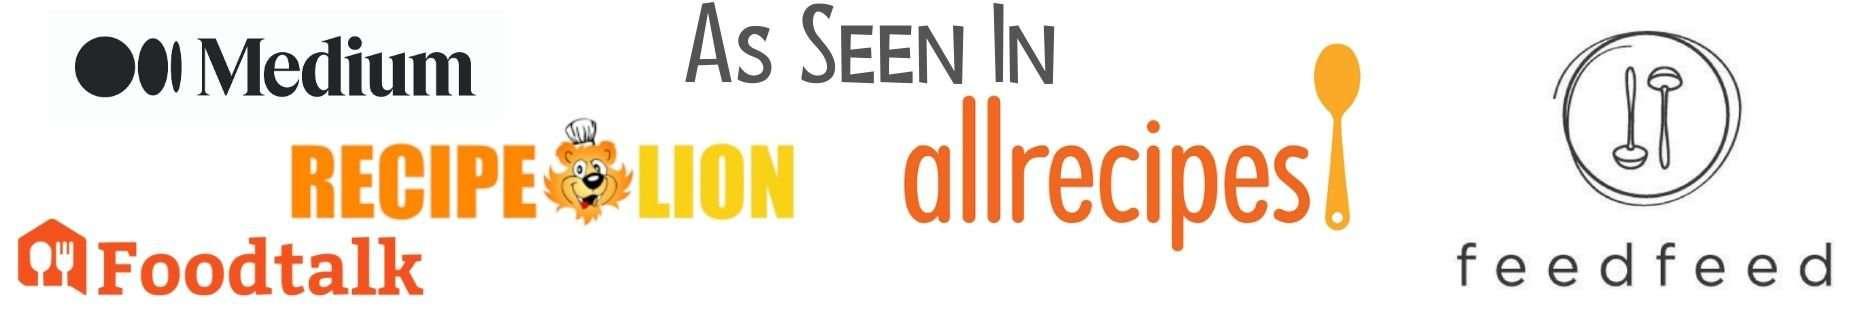 As-Seen-In